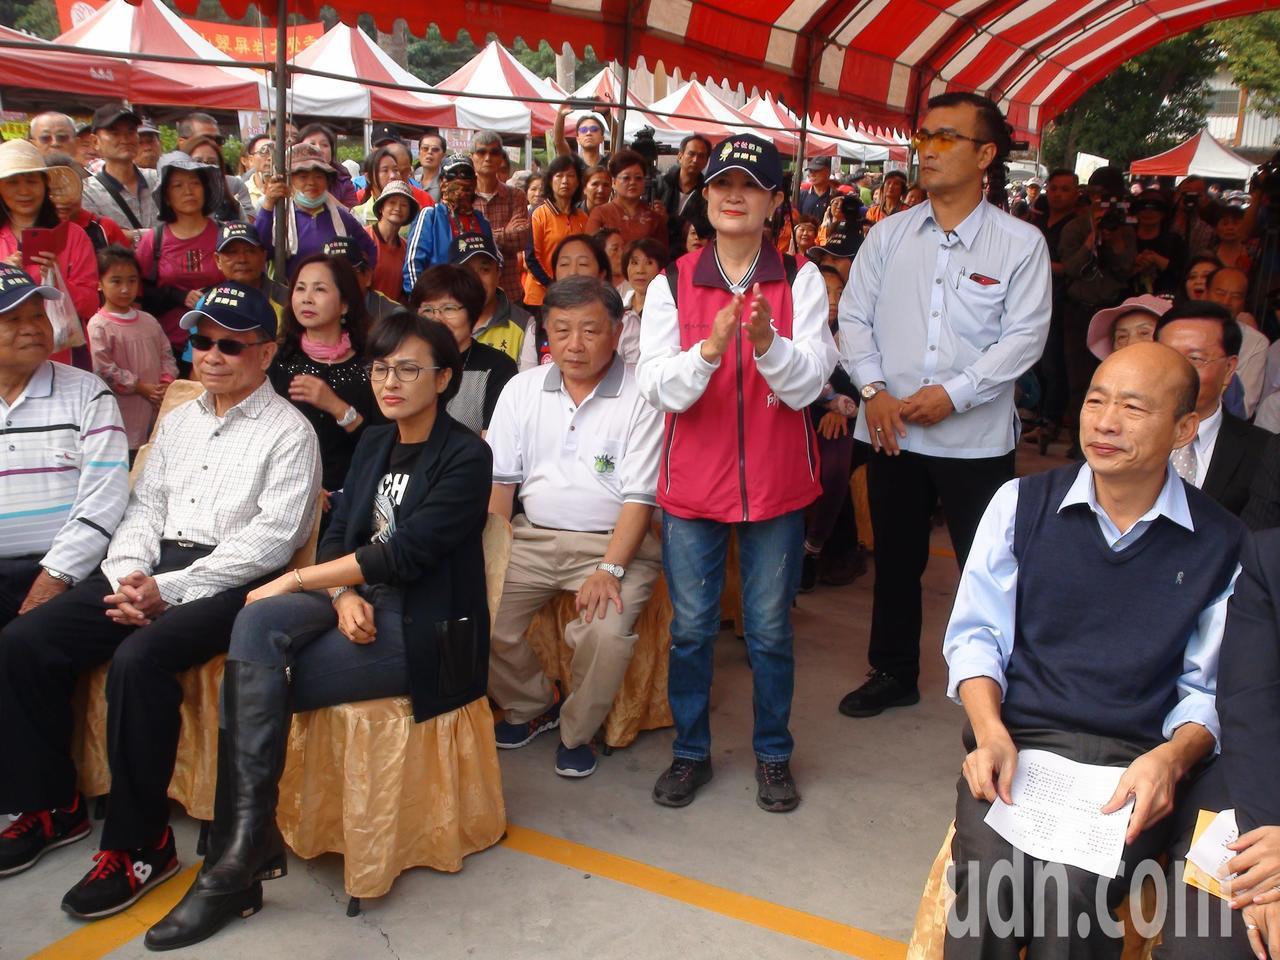 高雄市長韓國瑜今天上午到大社促銷蜜棗,和立委邱議瑩隔著走道,沒有交談。記者謝梅芬...